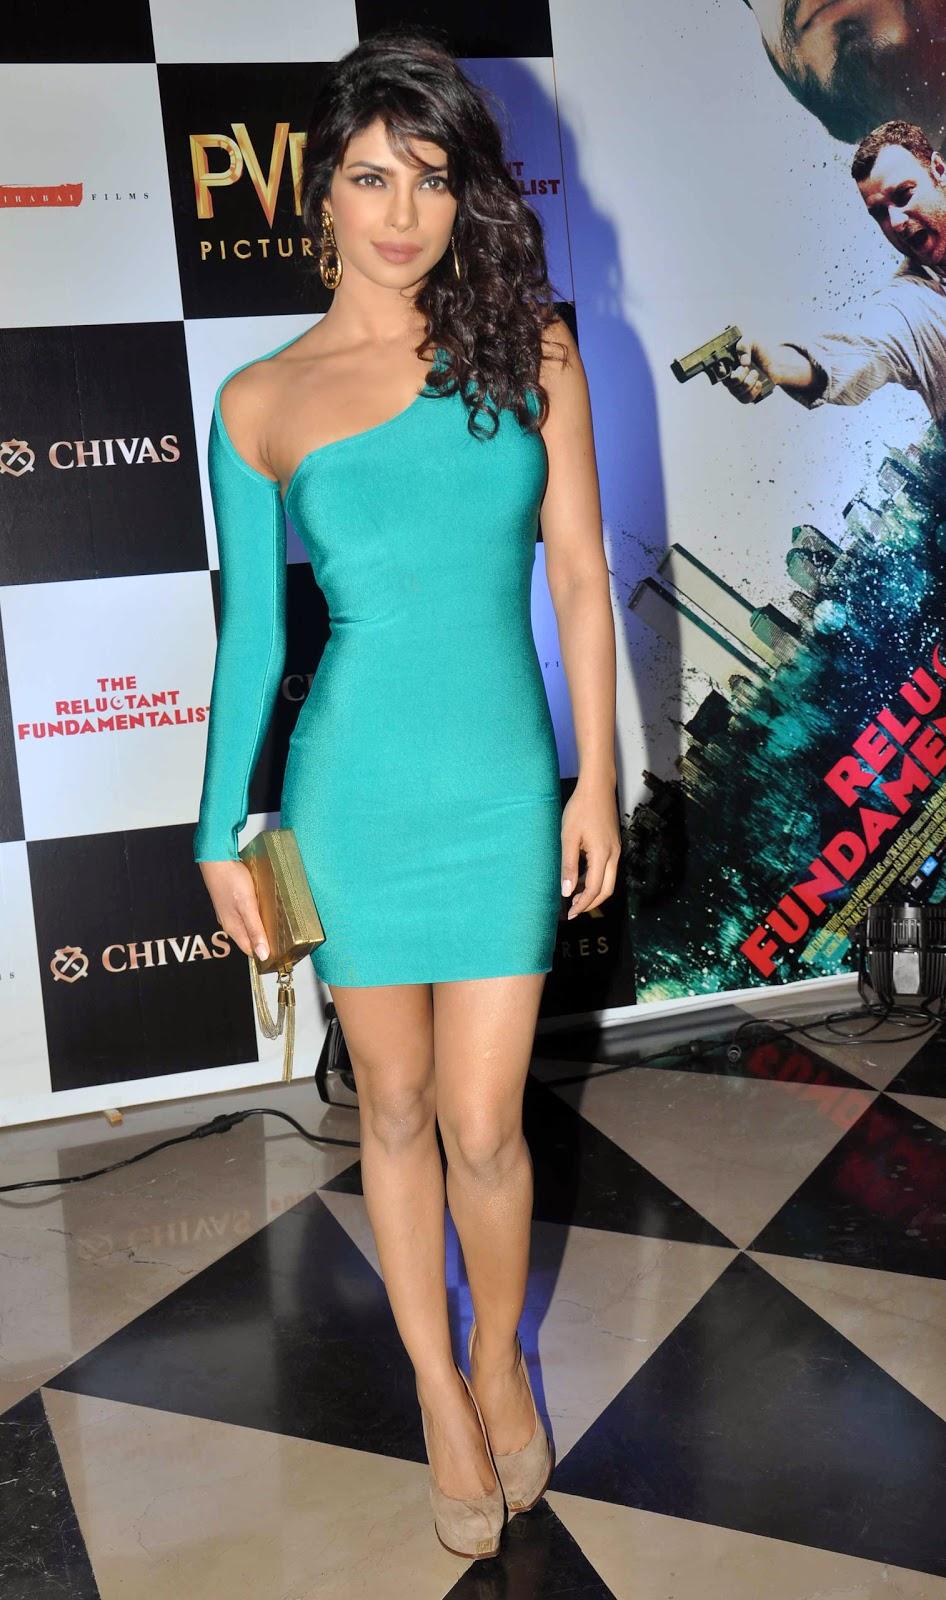 priyanka-chopra-in-tight-sky-blue-mini-dress-flaunting-her-hourglass-figure